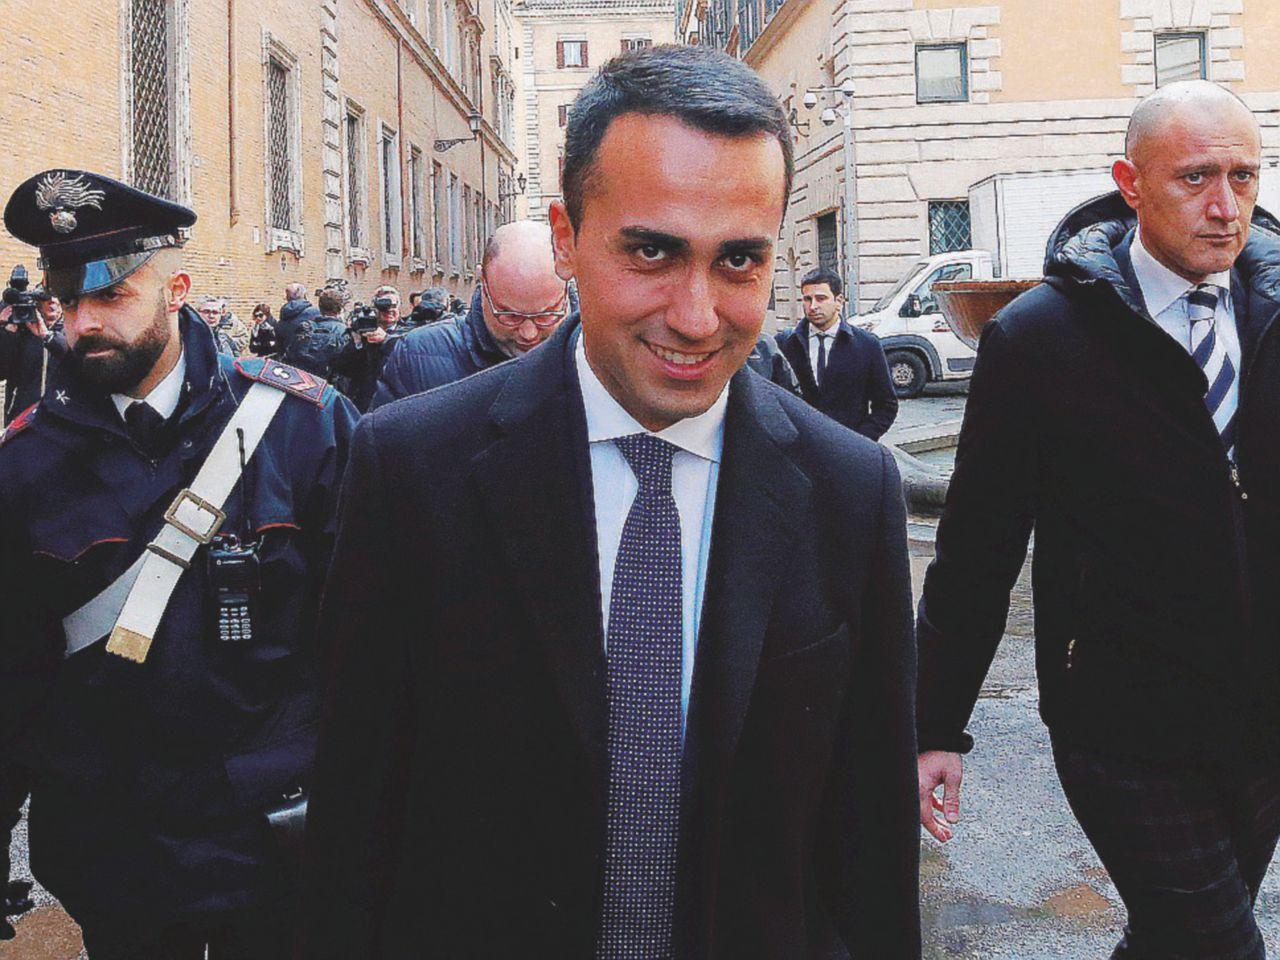 Parlamento, trovato l'accordo: Fico (M5S) Camera, Casellati (FI) Senato